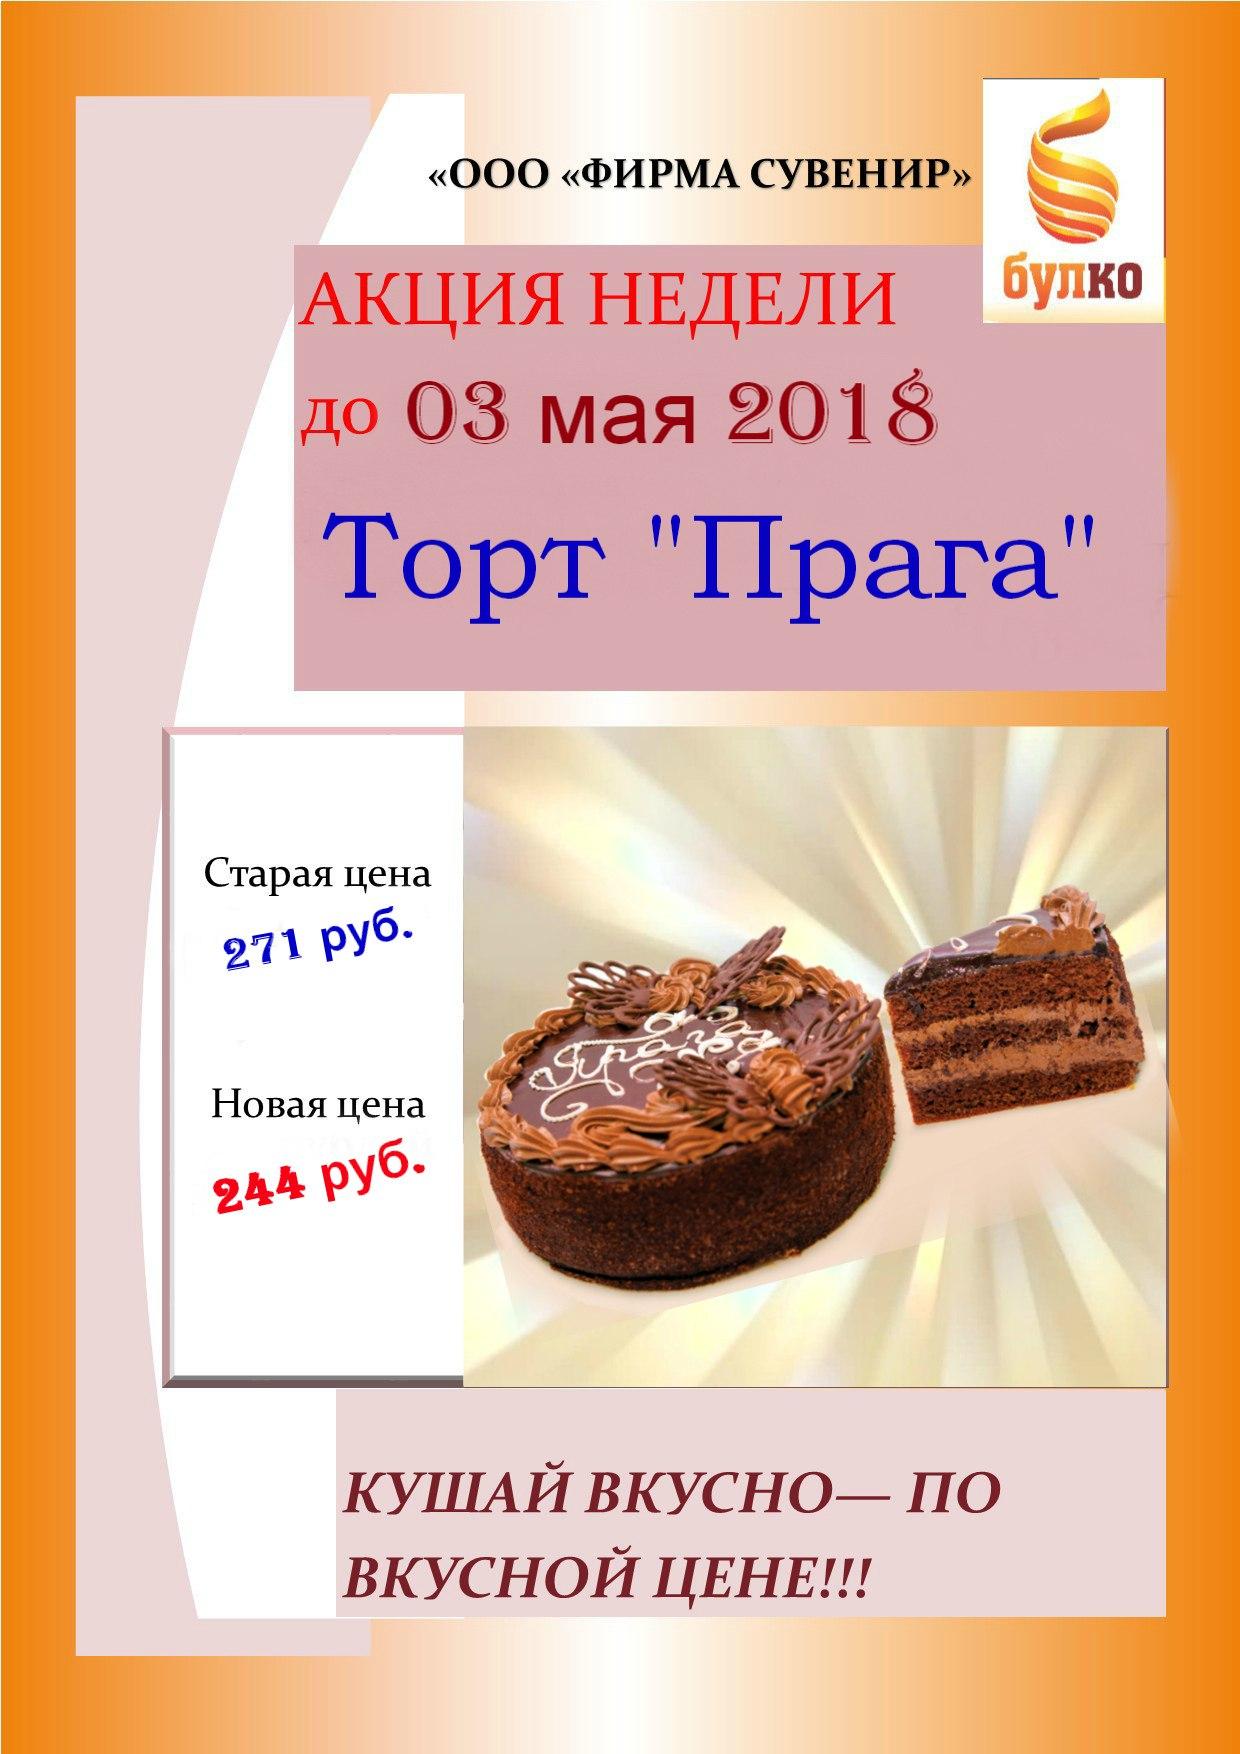 Кондитерская «Булко» - Вконтакте